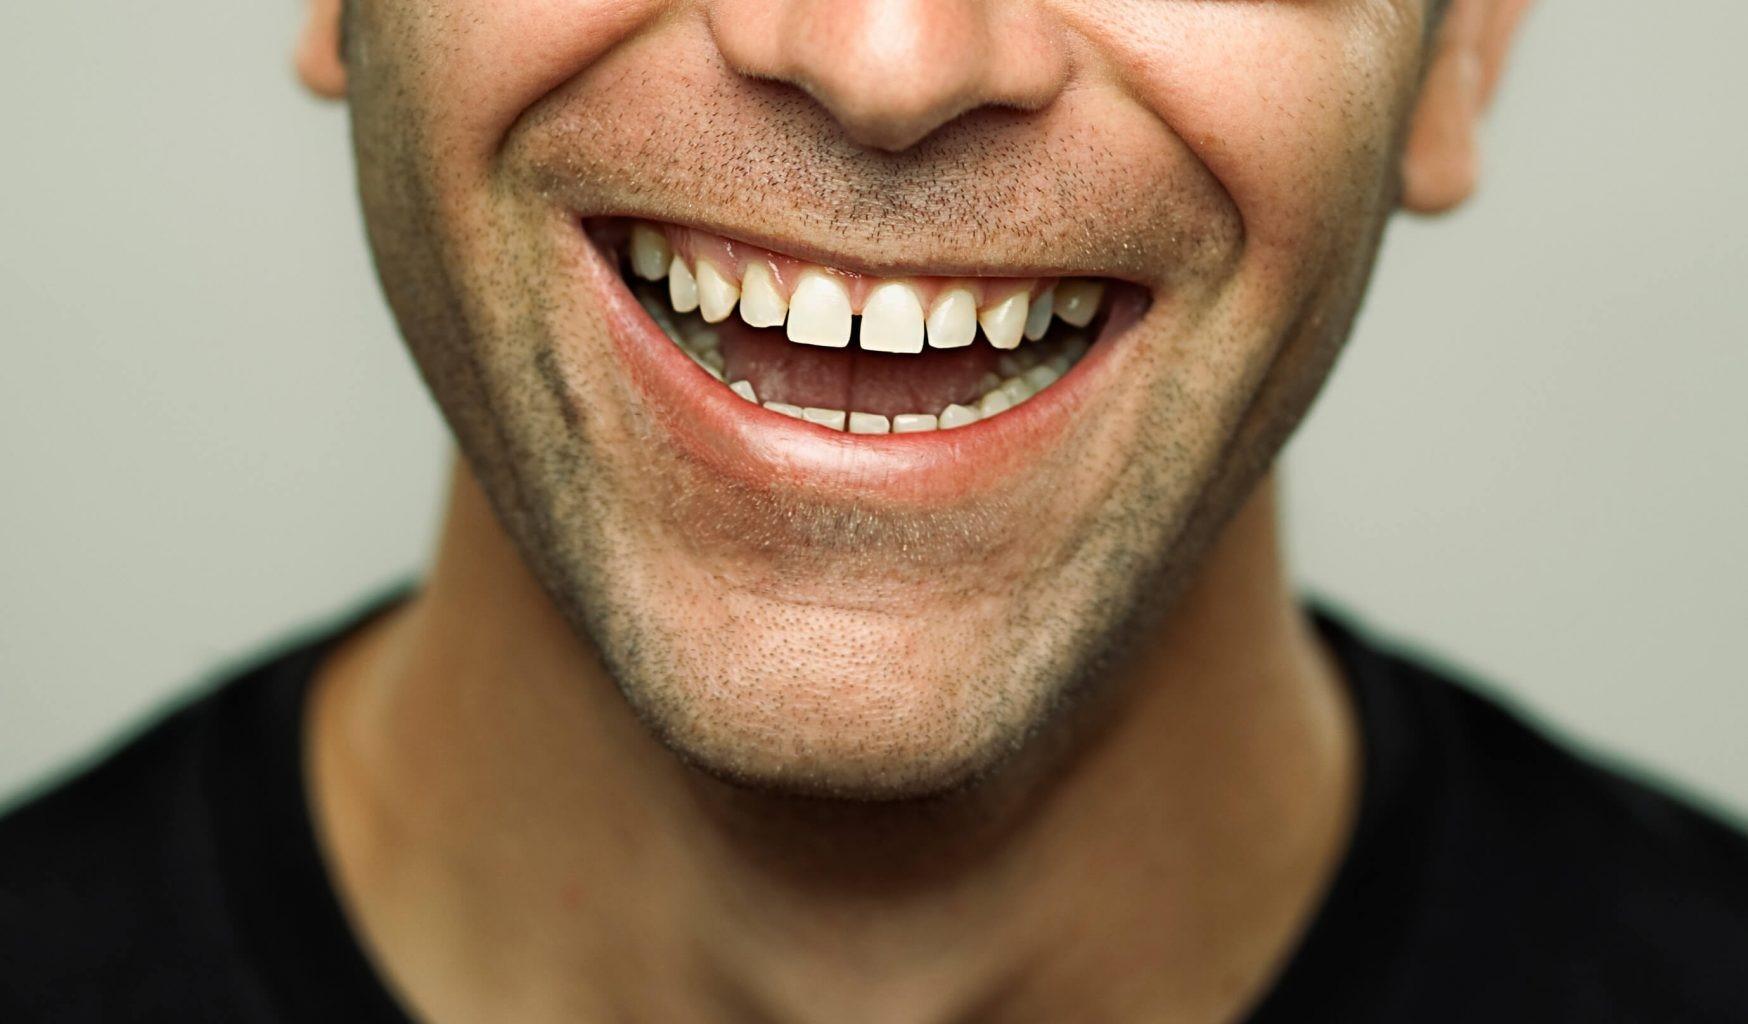 دیاستم و فاصله بین دندانی